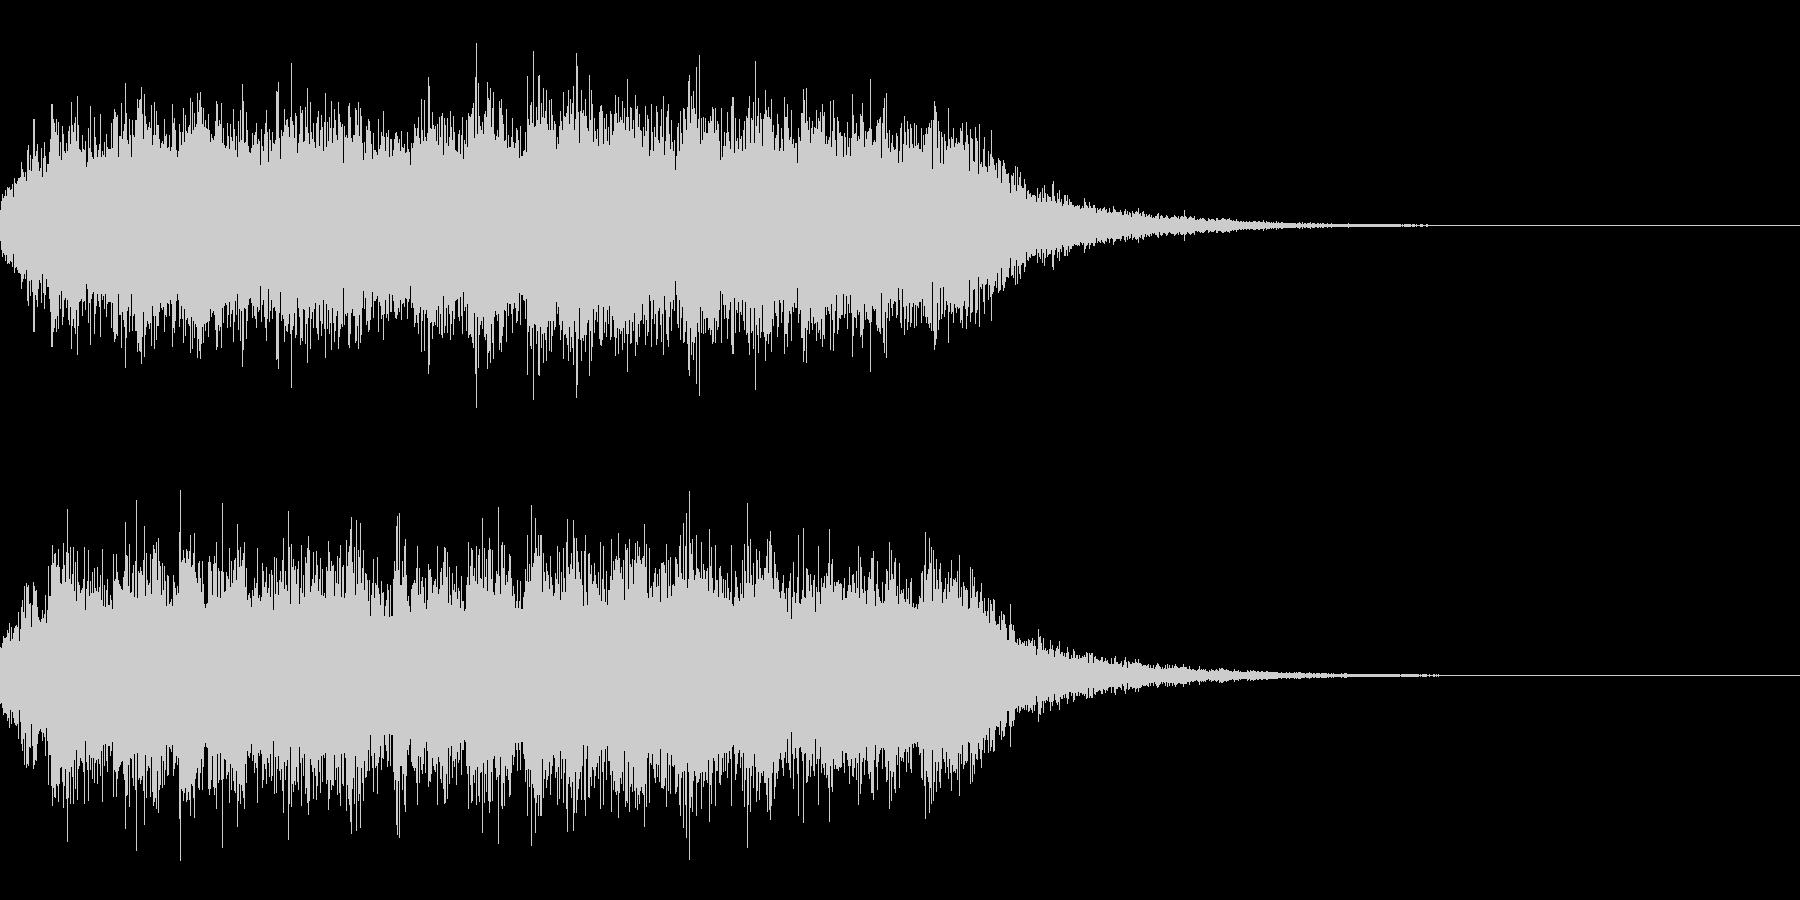 カオス3 オーケストラ練習 感電 混沌の未再生の波形